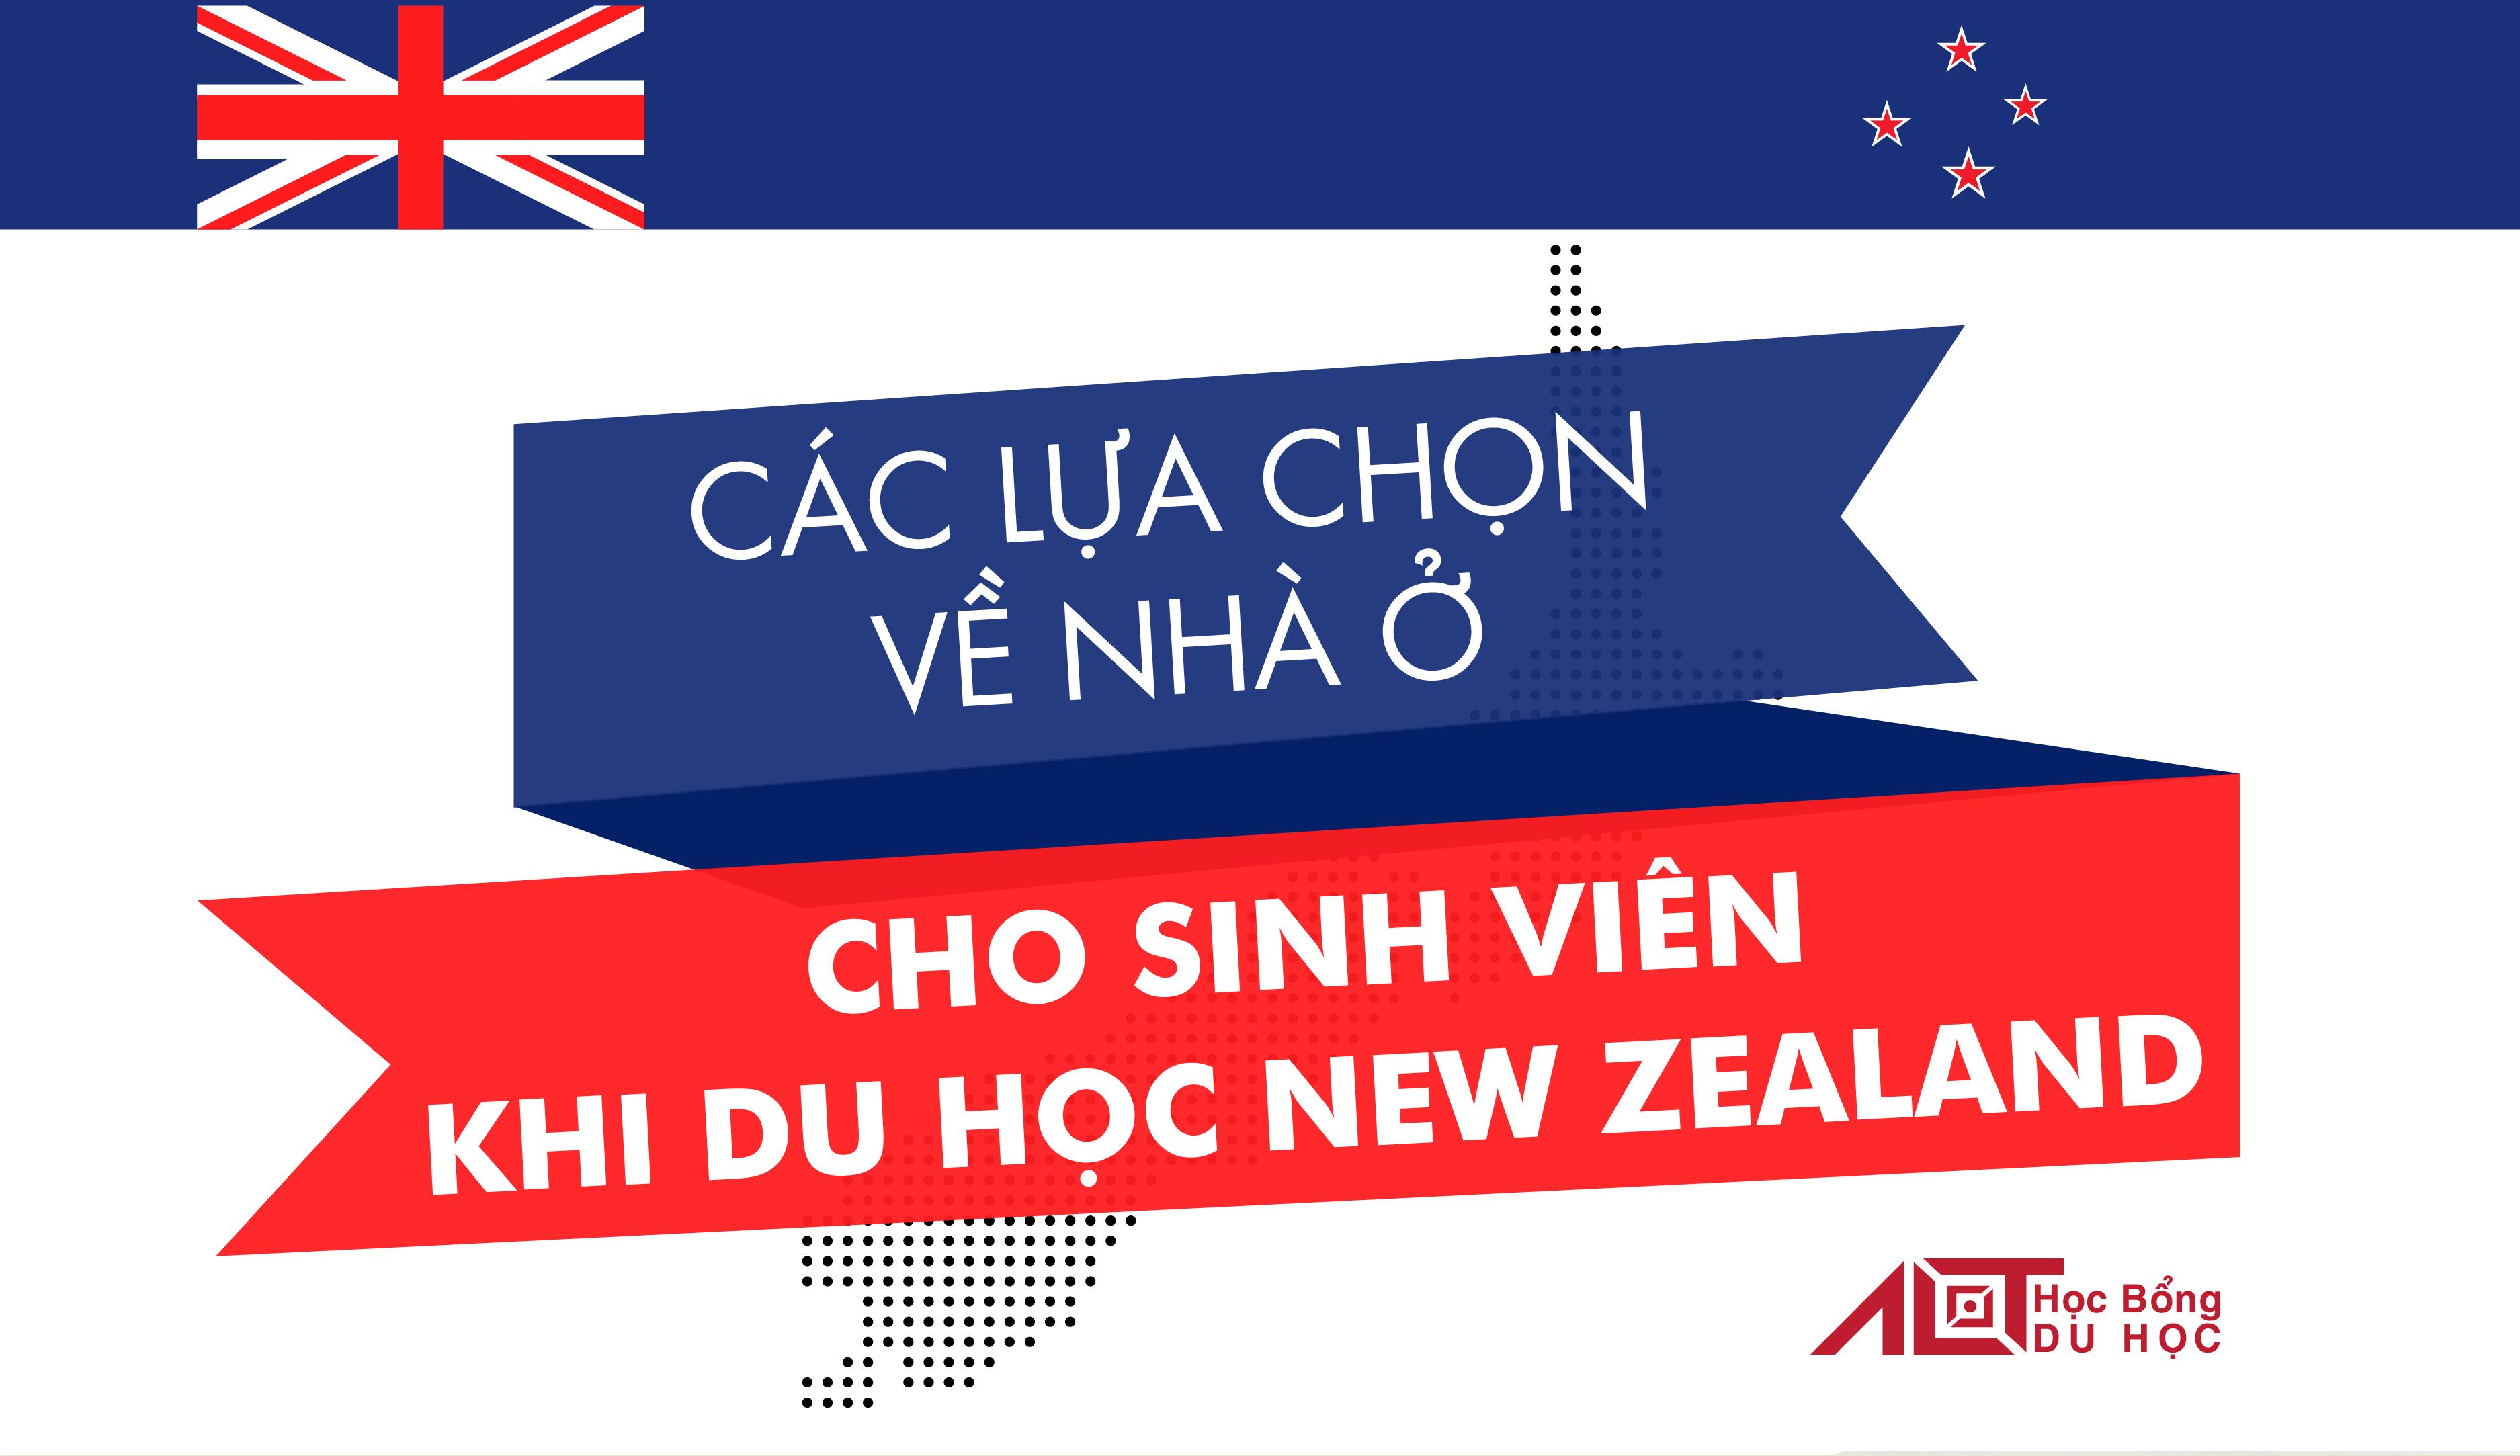 Đi Du Học New Zealand nên lựa chọn nhà ở như thế nào